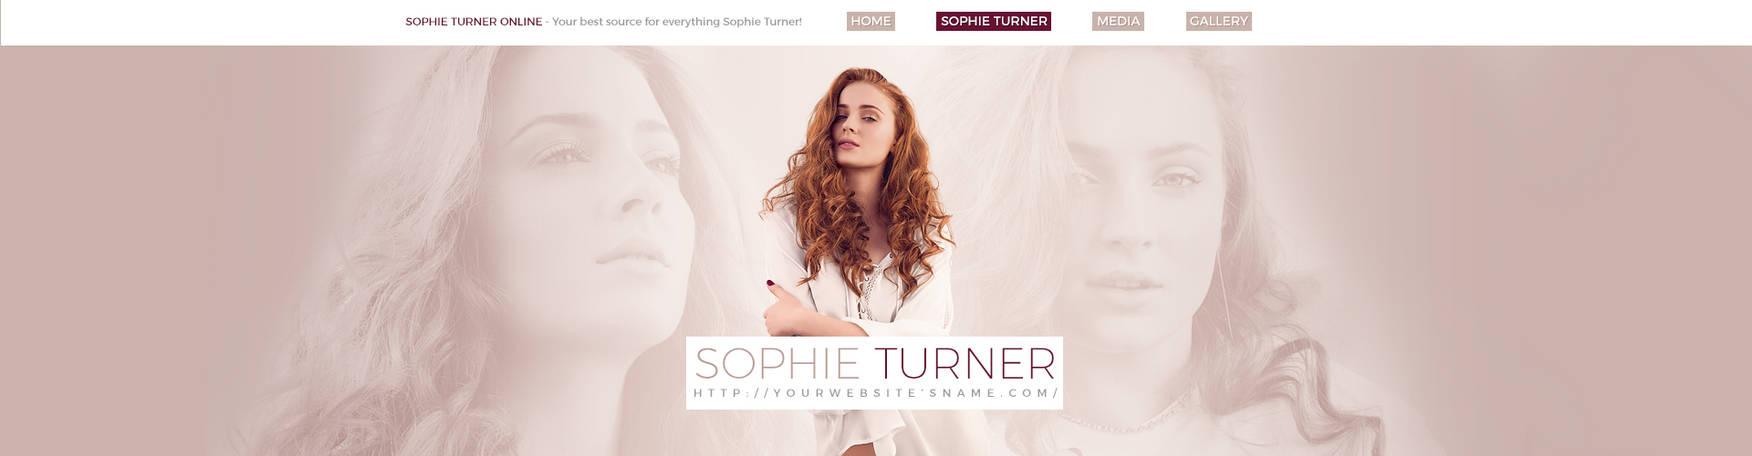 Sophie Turner PSD header